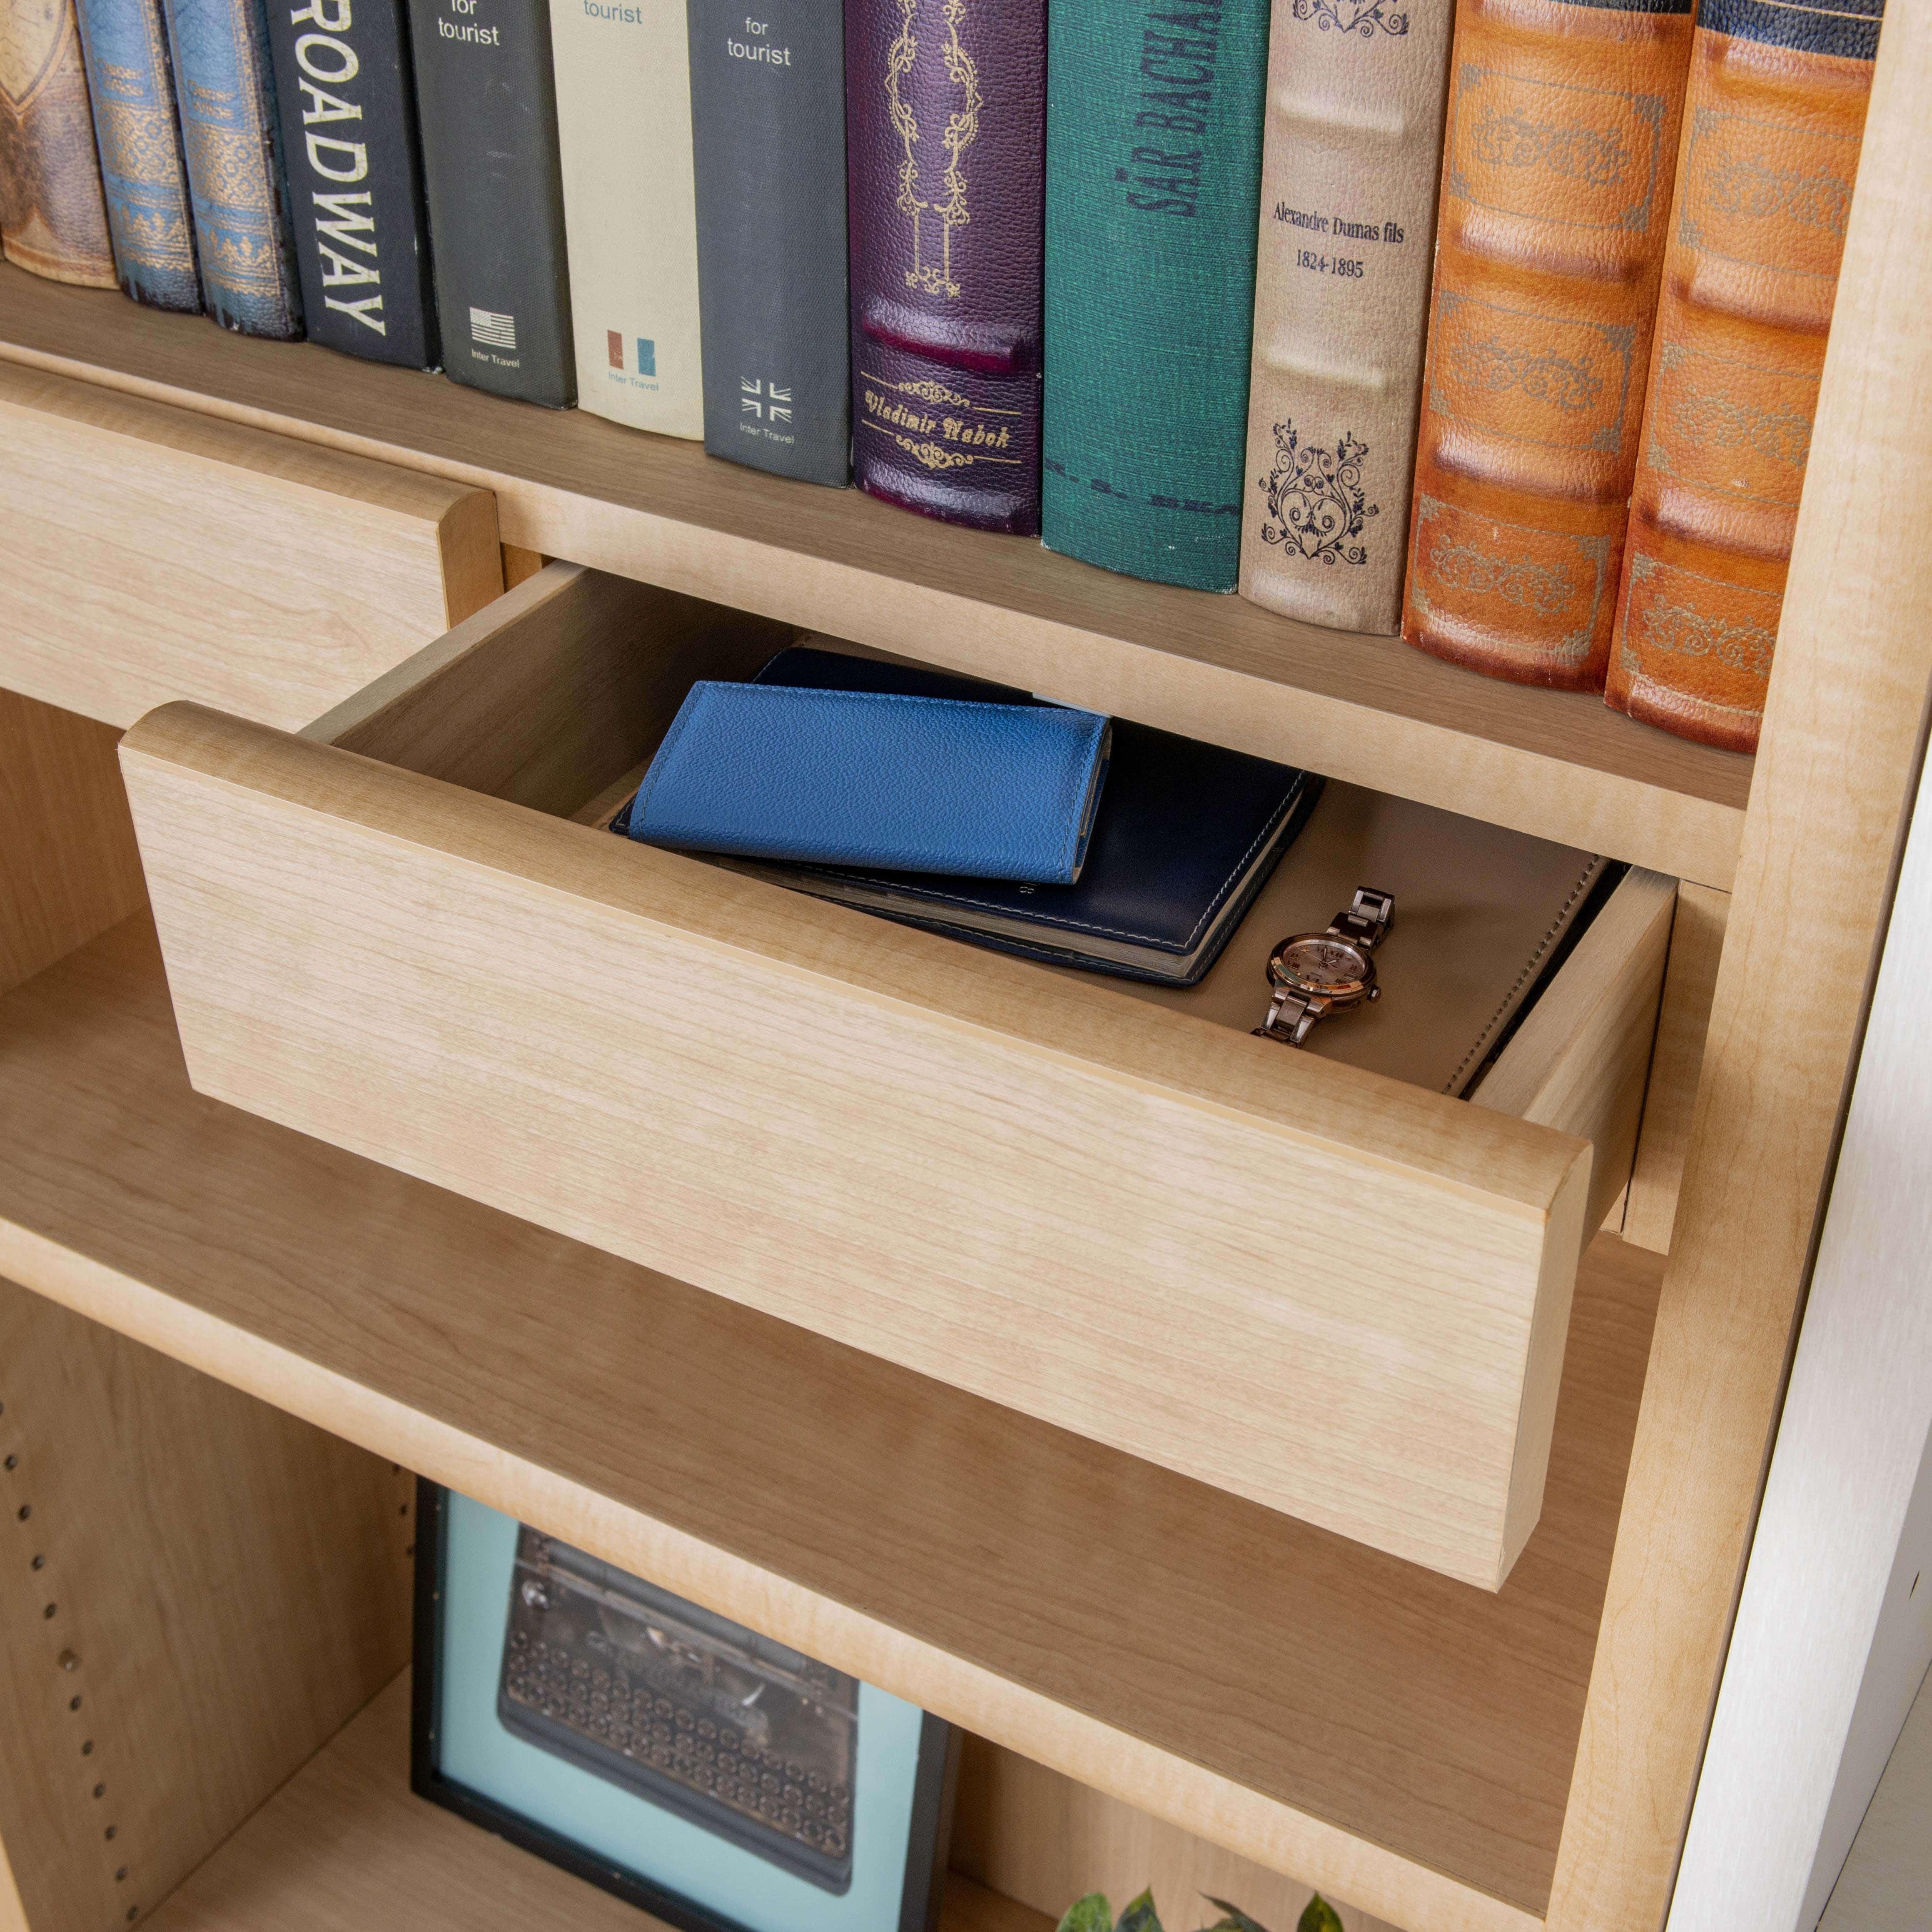 小島工芸 書棚 アコード80H(チェリーナチュラル):収納の幅を広げるオプション引き出し